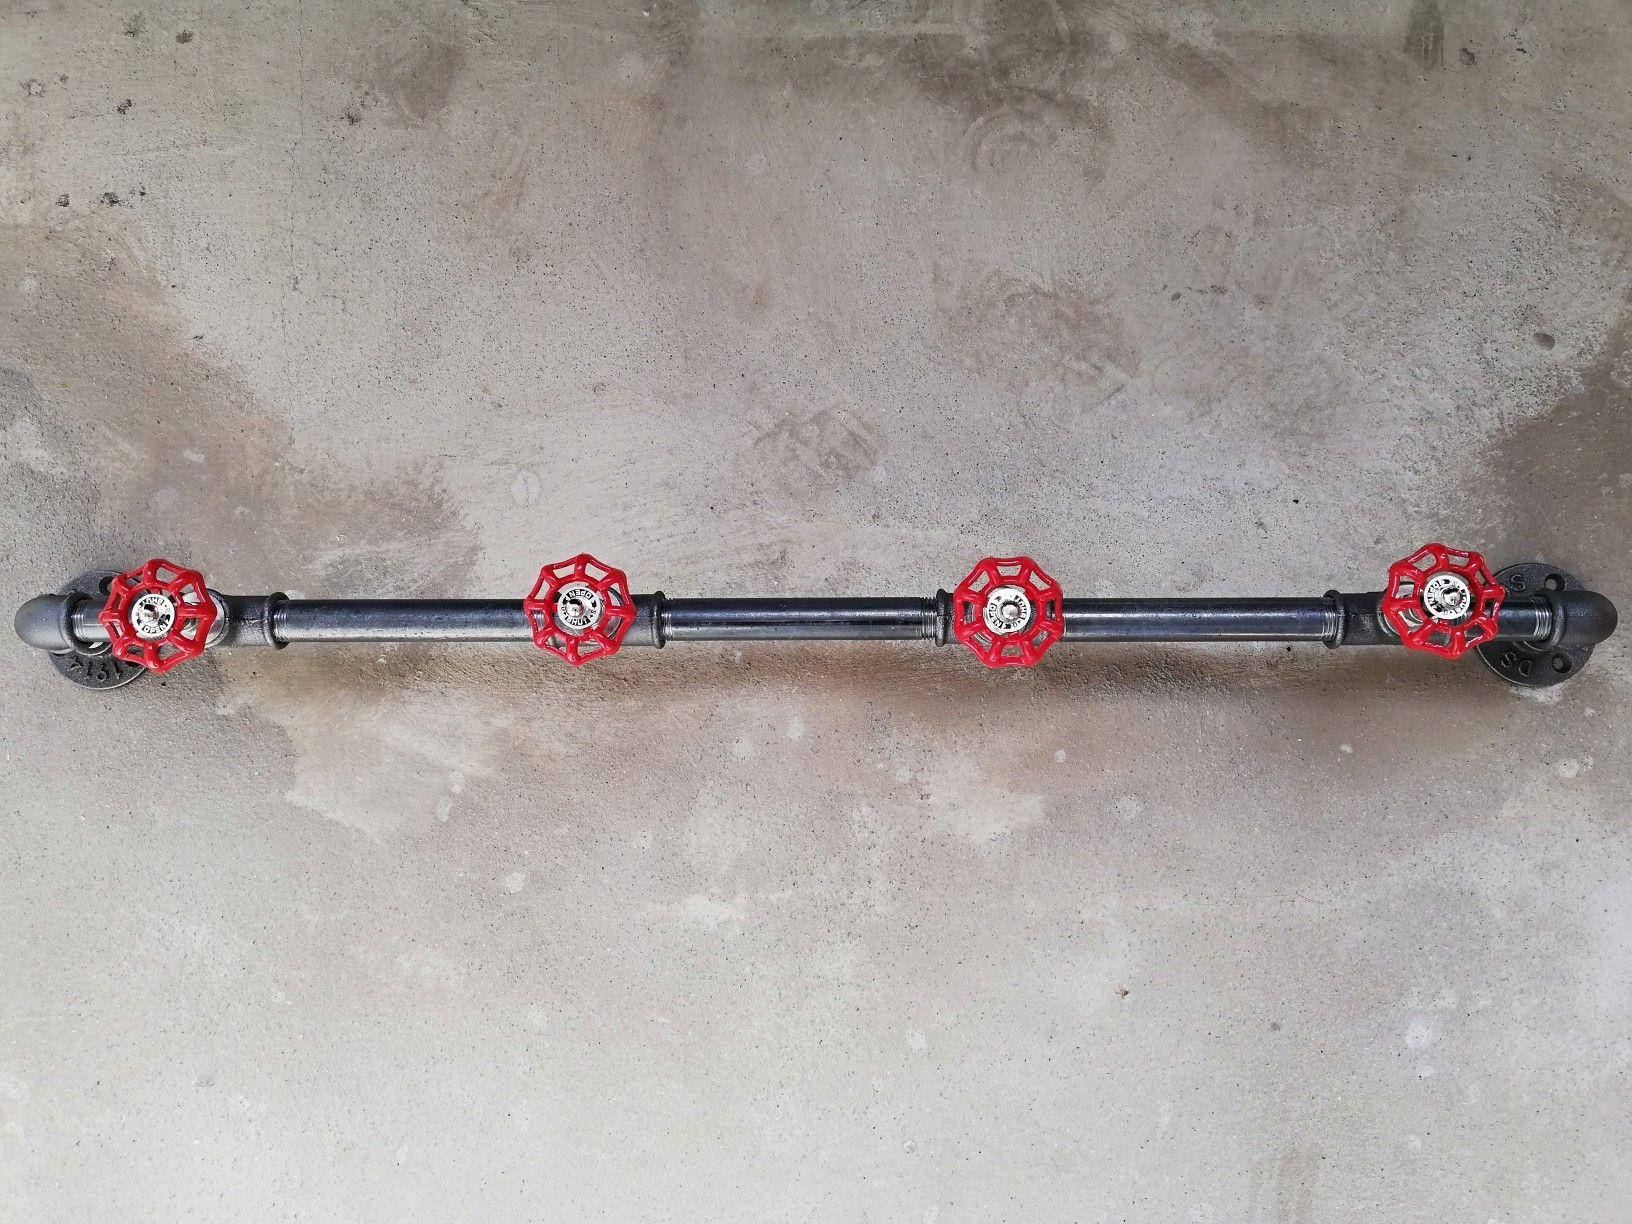 Steampunk Wandgarderobe Aus Einer Eisenstange Mit 4 Industriellen